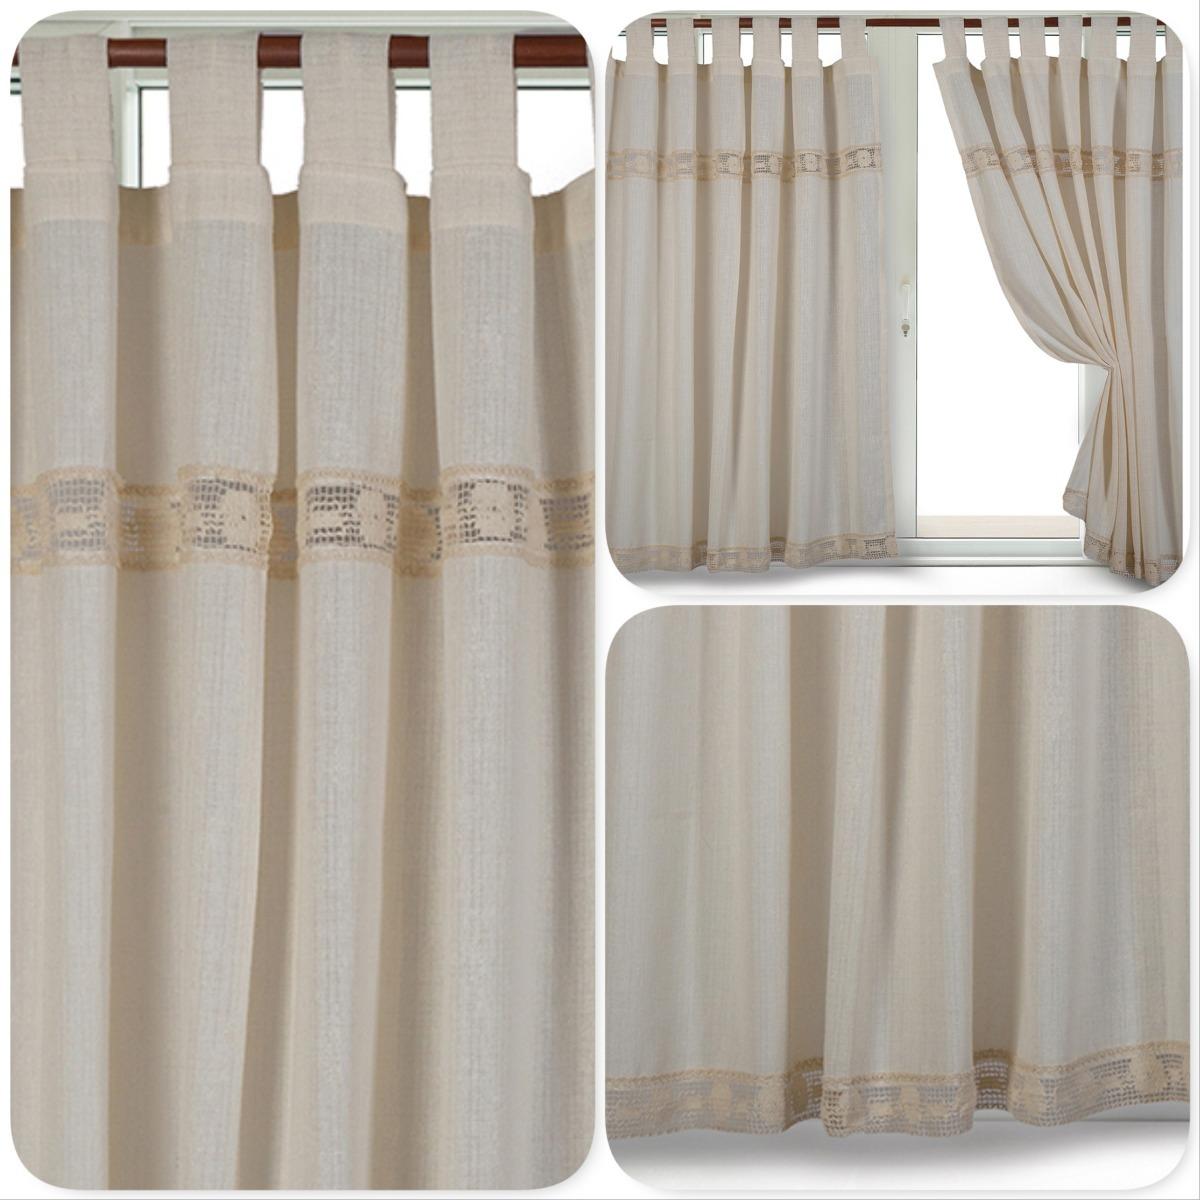 Modelos de cortinas de tela rusticas iratu - Telas cortinas cocina ...